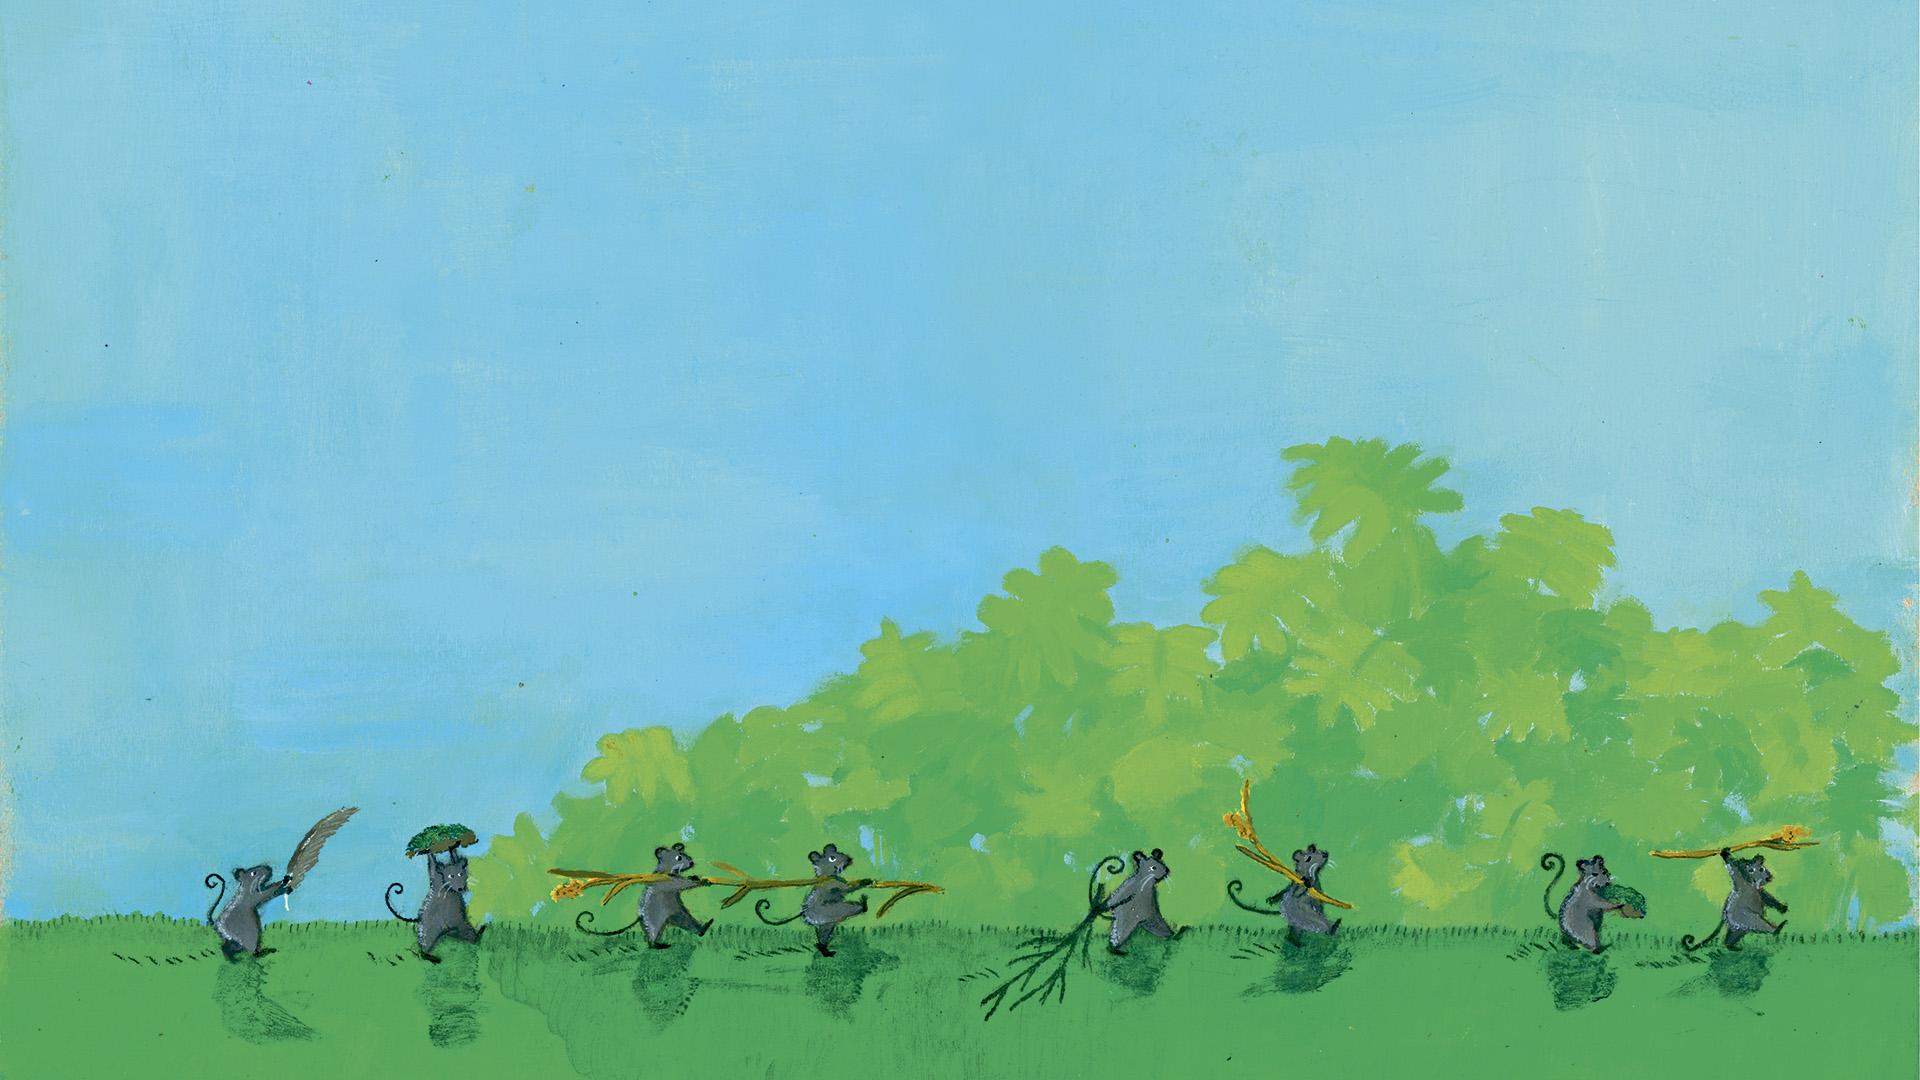 Juoksee metsähiiroset